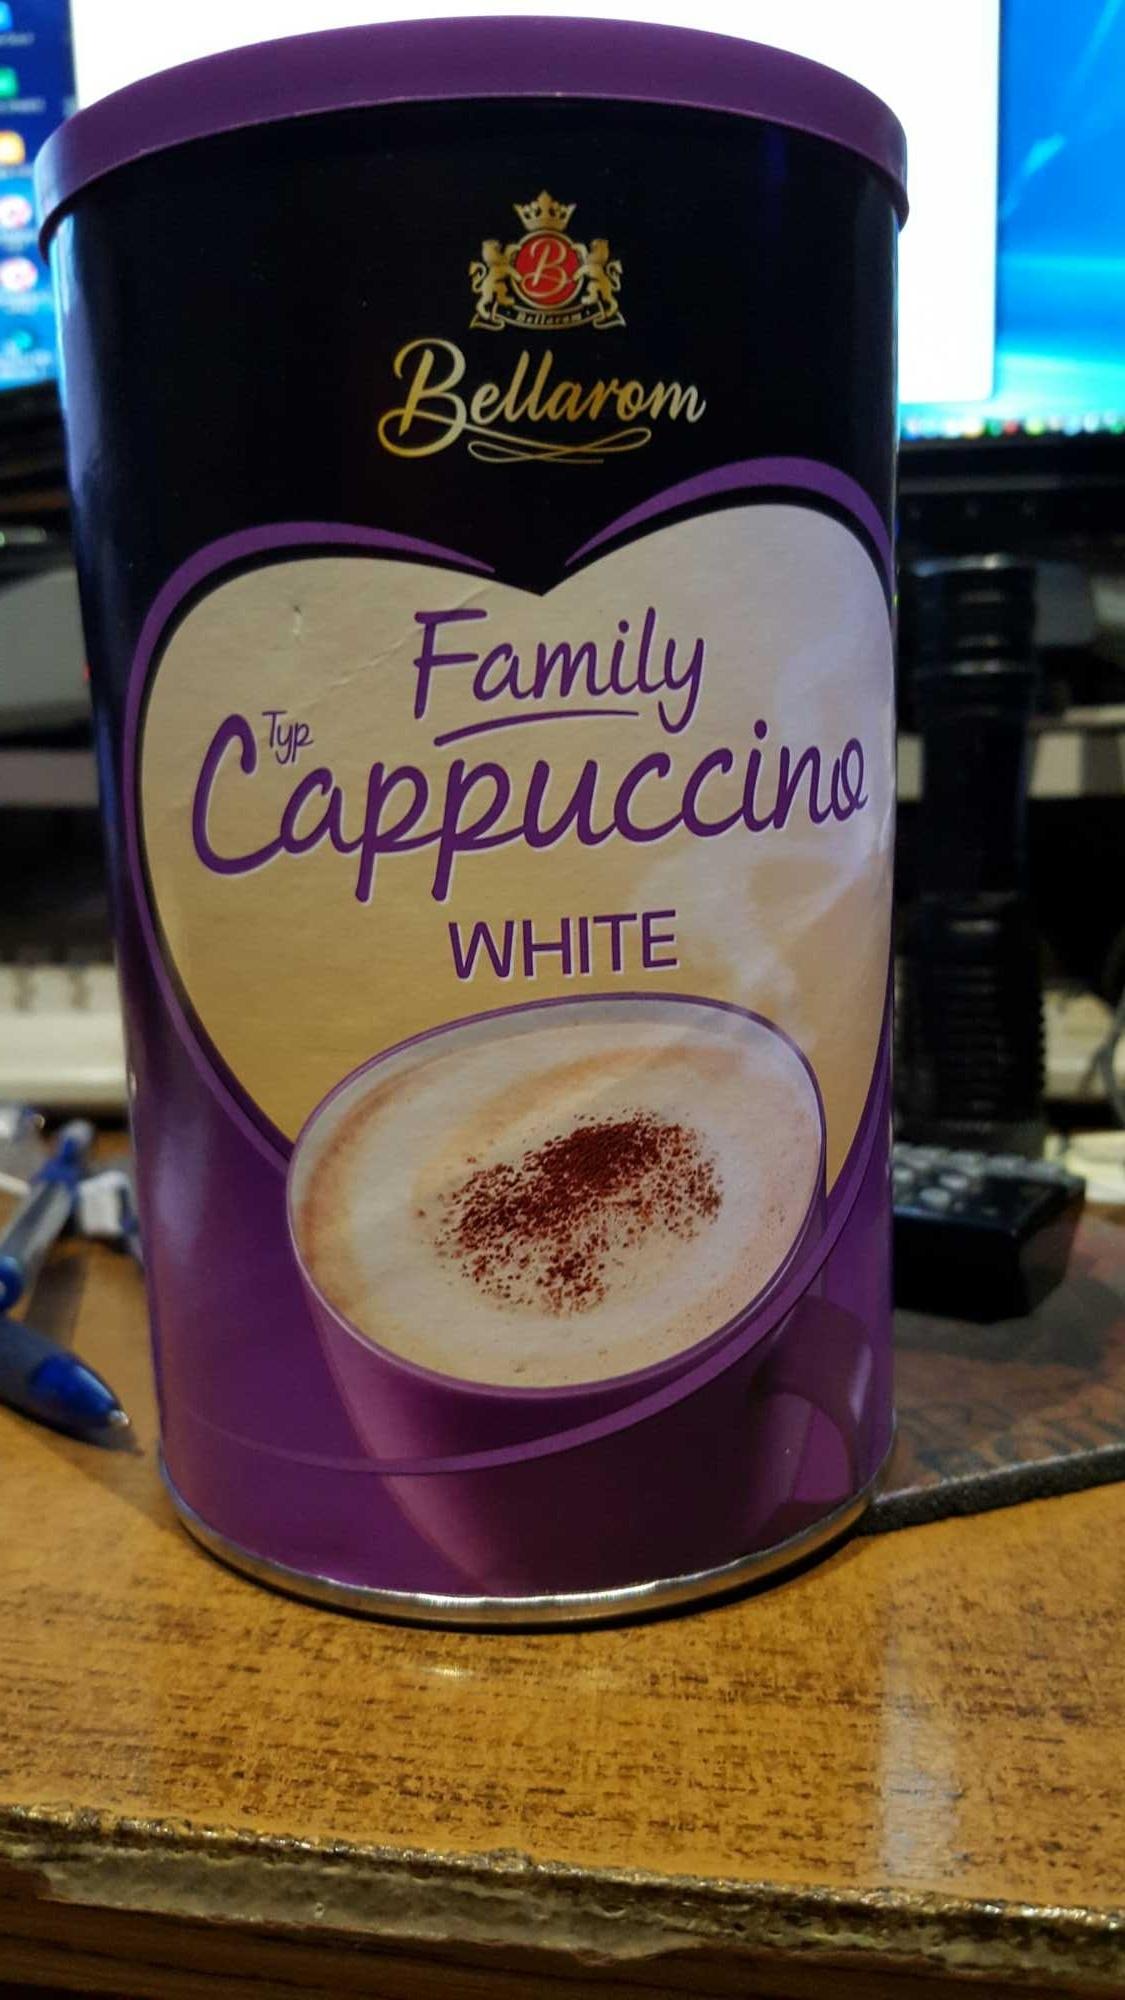 Family Cappuccino White - Produit - fr